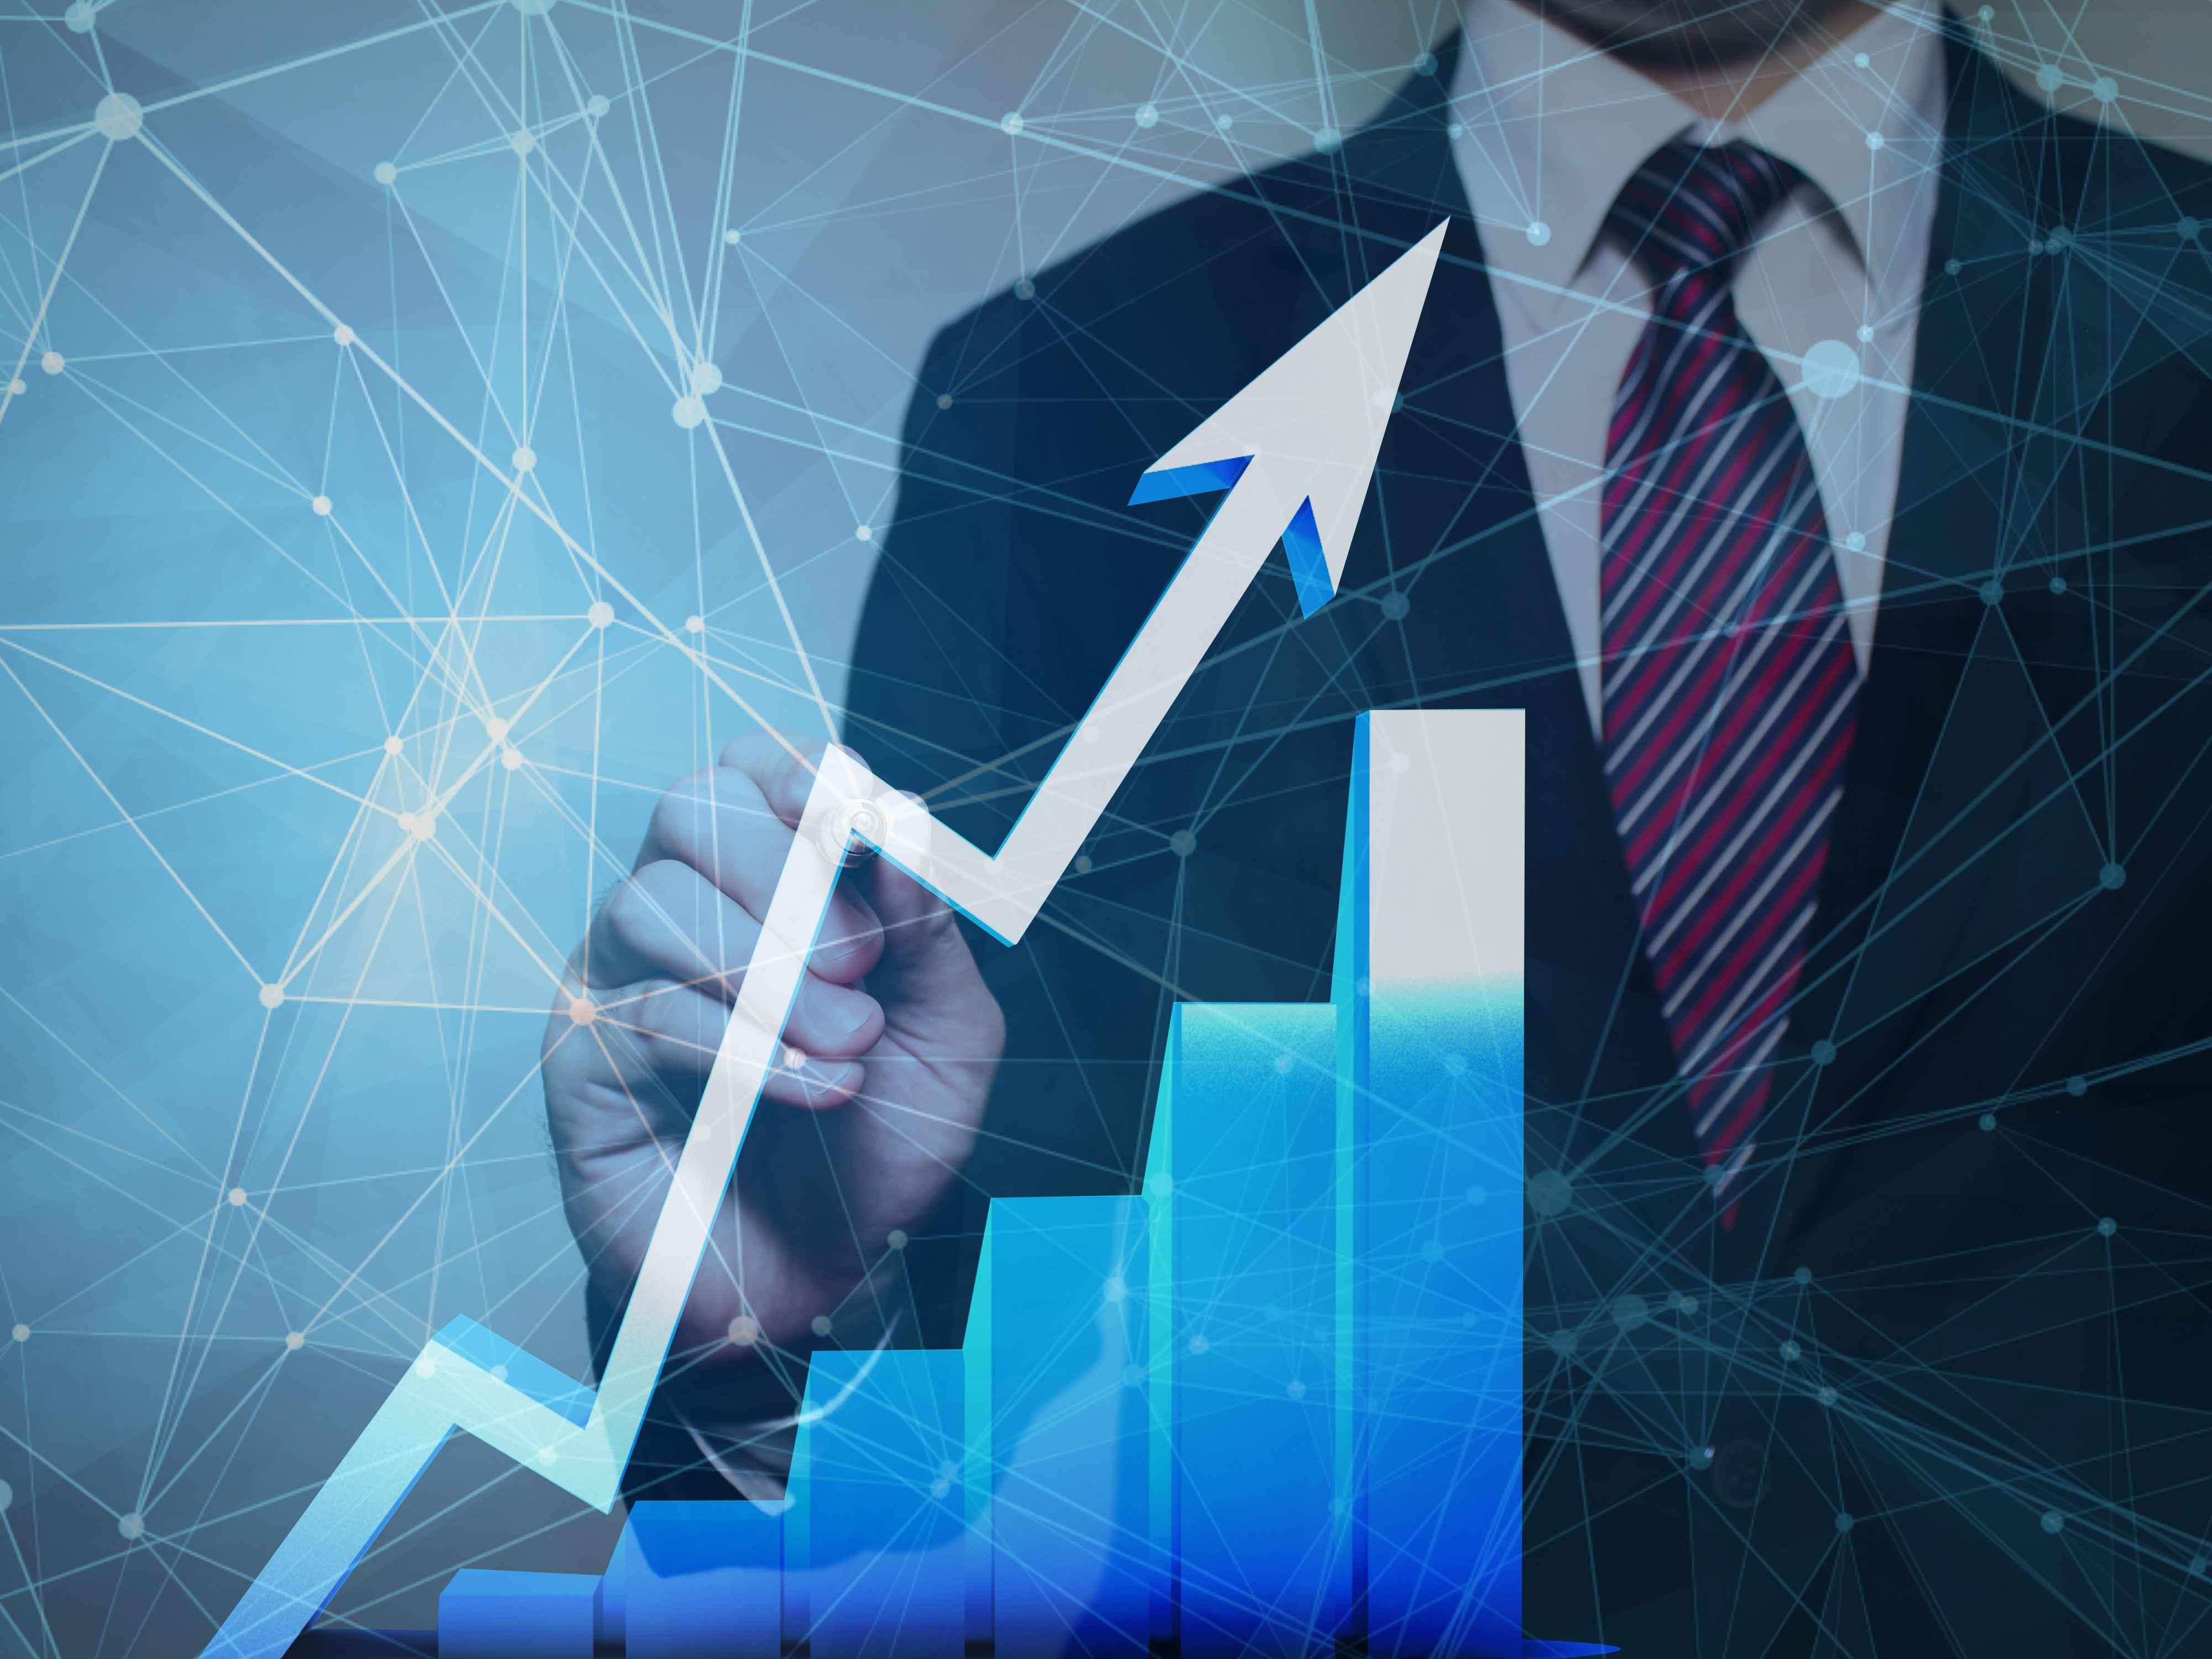 宋思勤:金融市场生态与企业价值成长